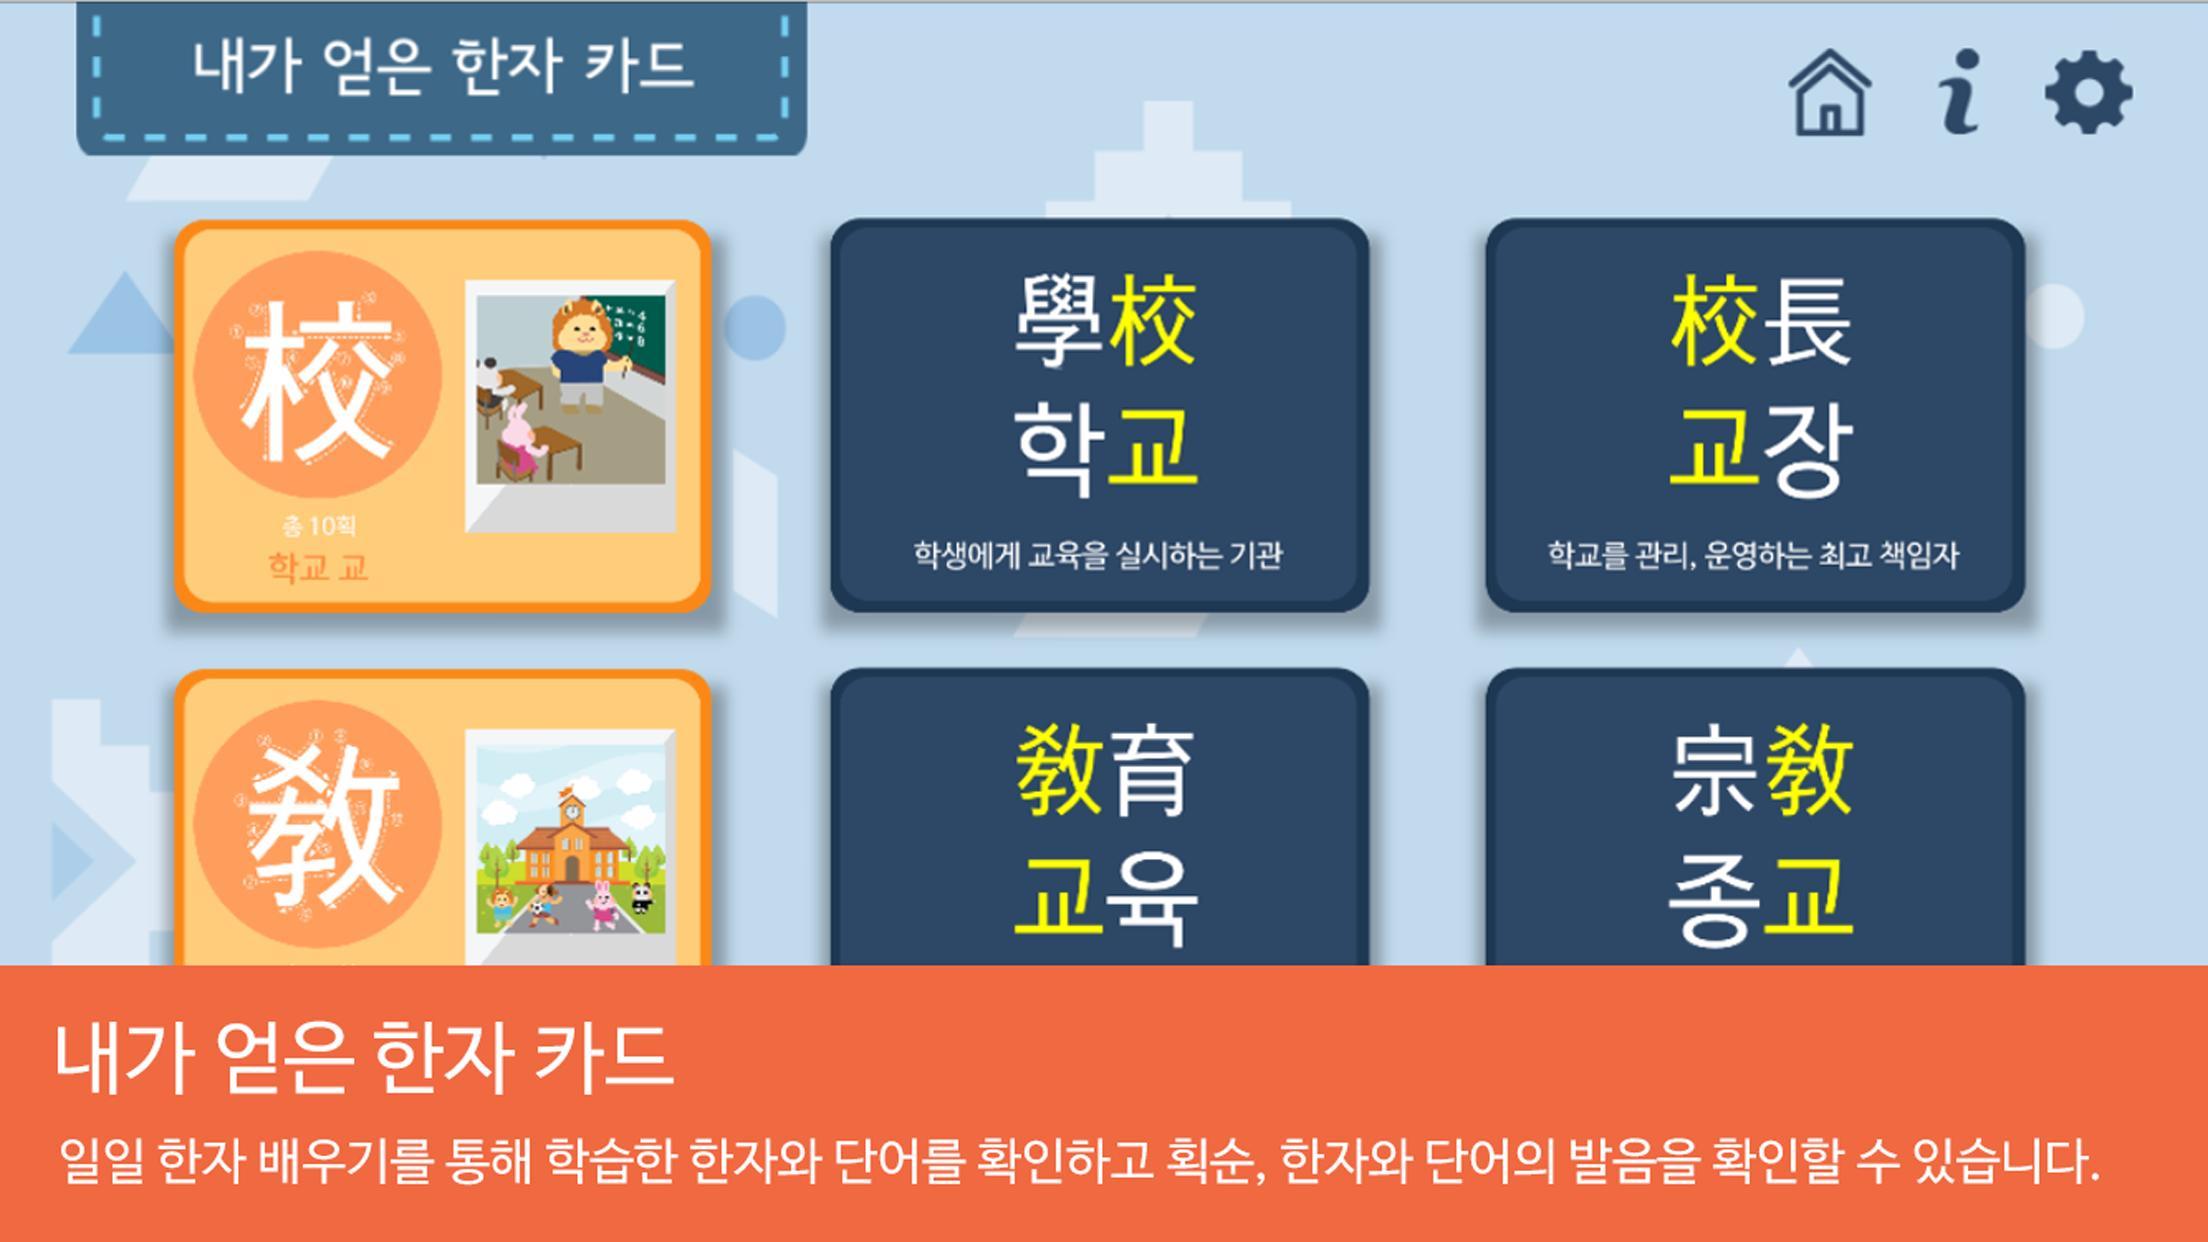 시멘토 교육앱 급수한자 8급(기출문제 제공) 1.5.0 Screenshot 4